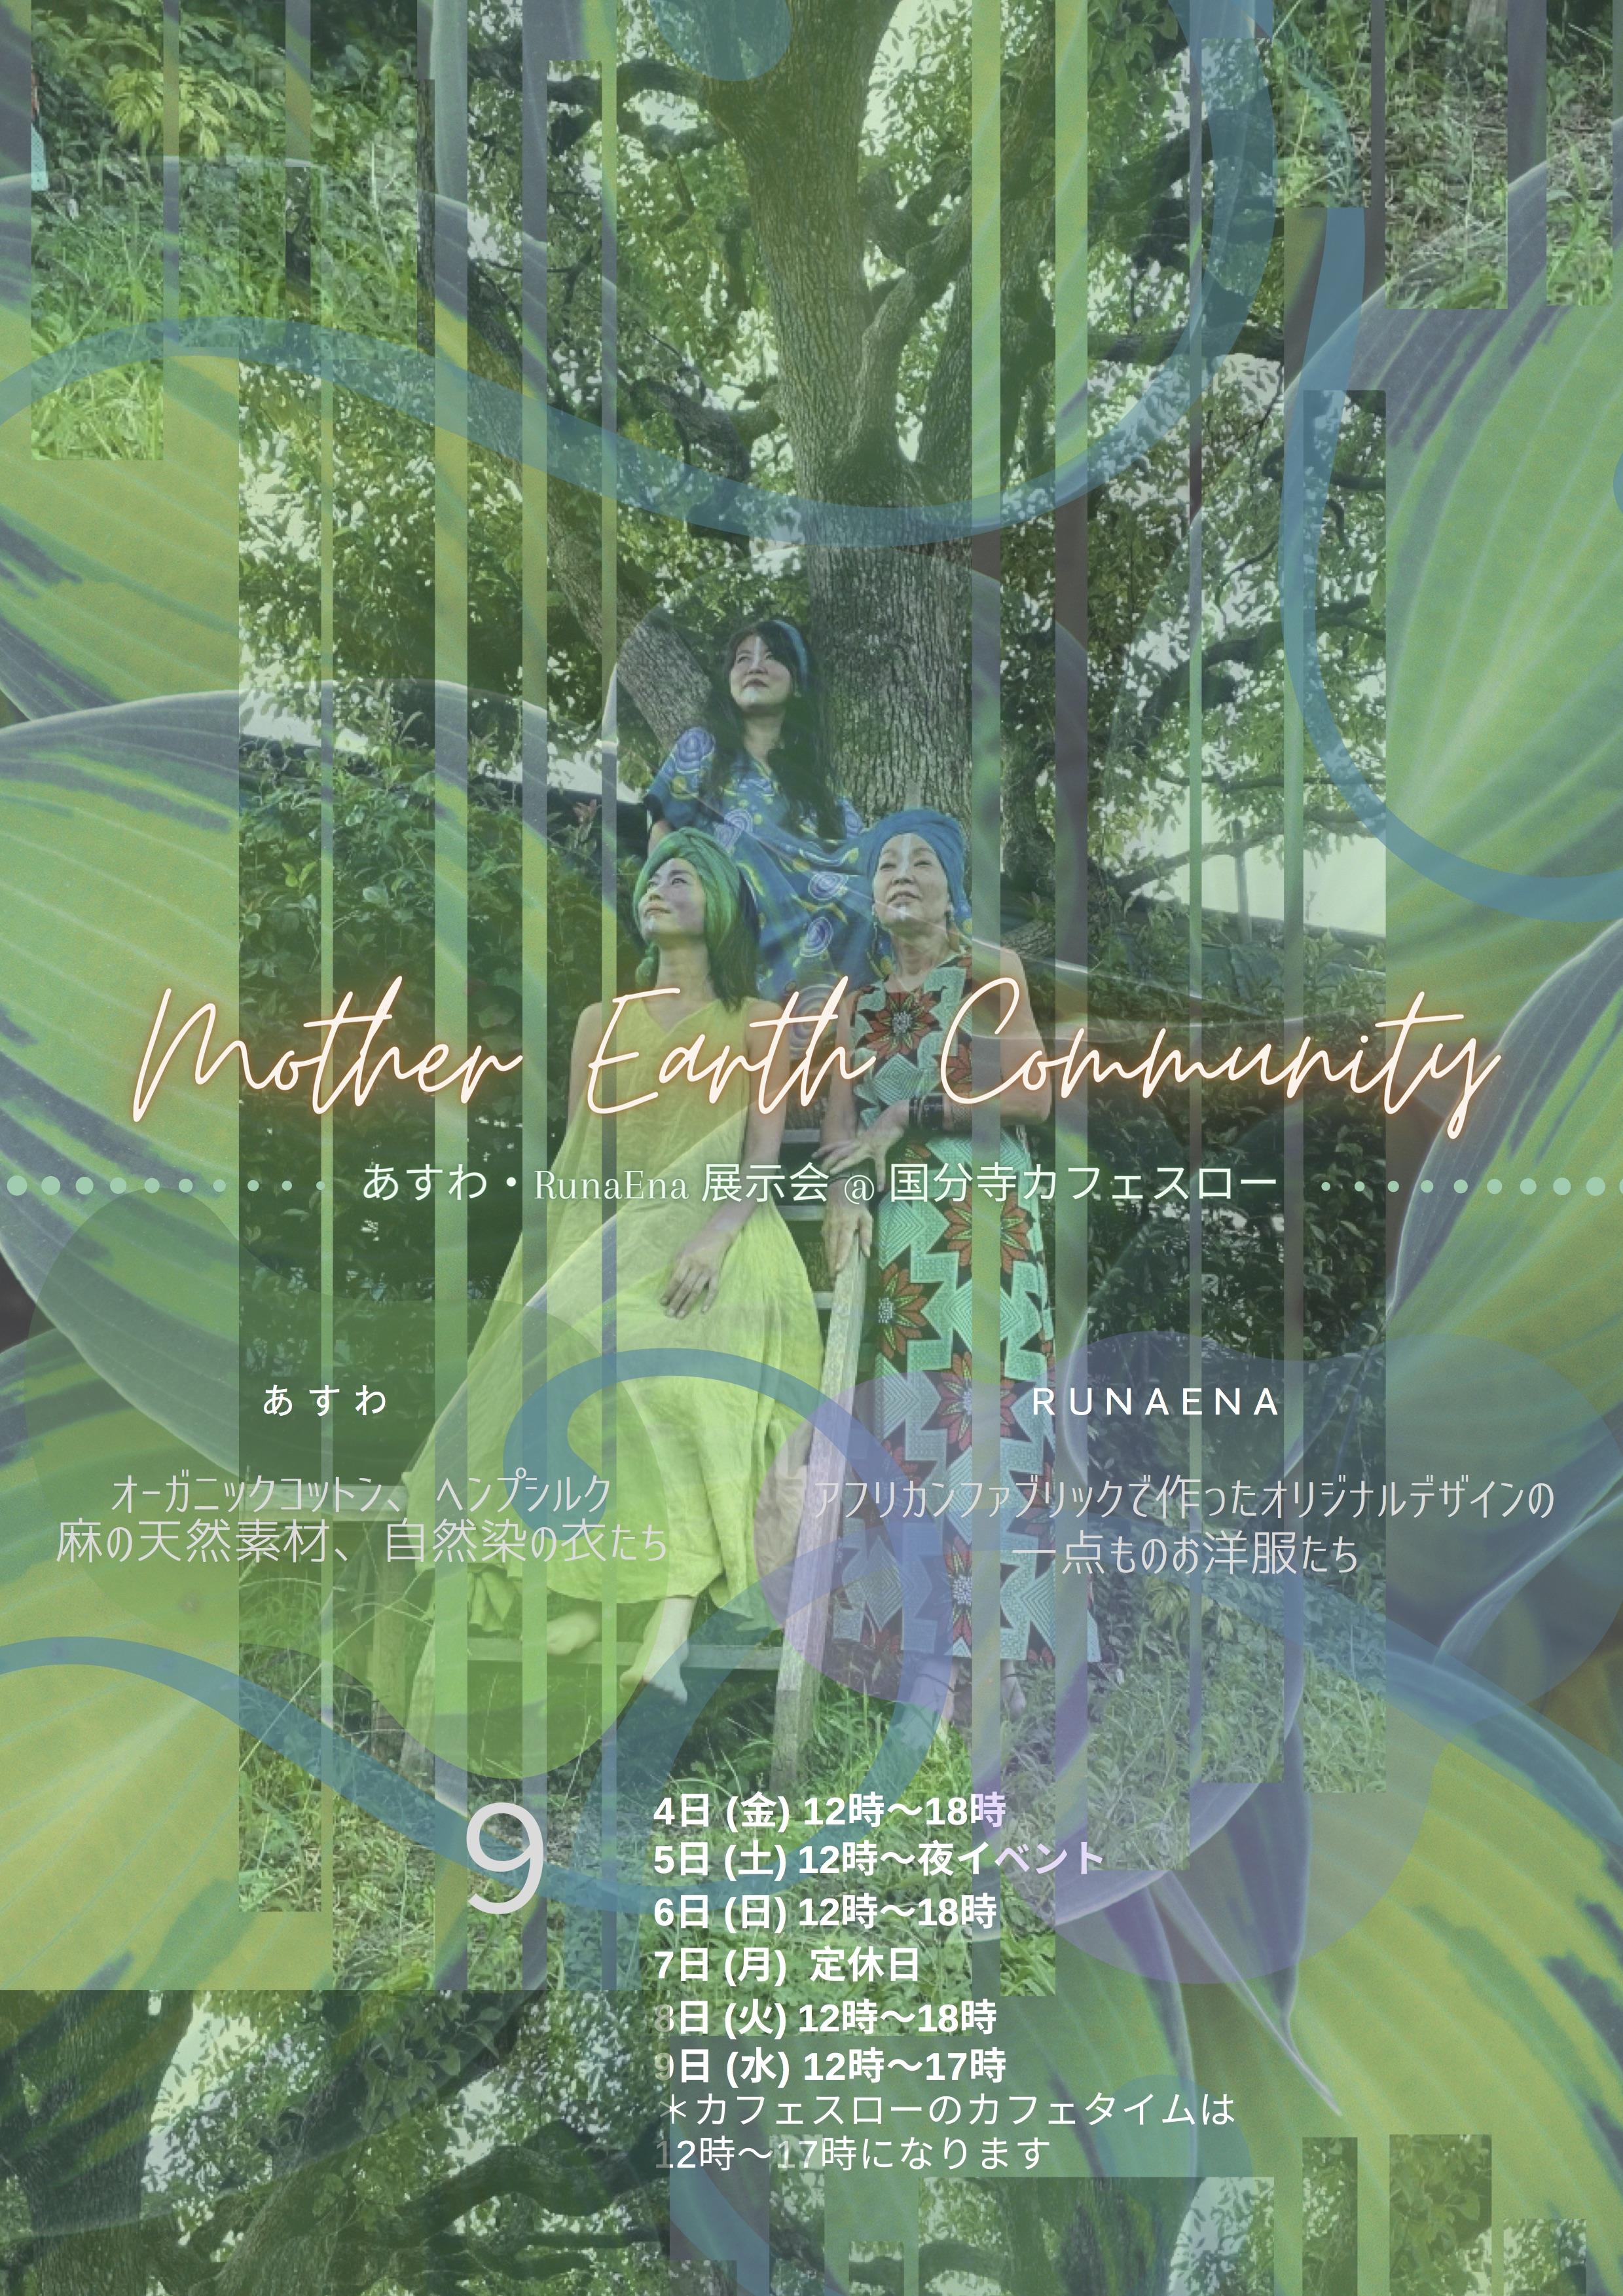 9/4(金)-9(水) Mother Earth Community〔あすわ・RunaEna 展示会@国分寺カフェスロー〕〜新しい衣・新しい風〜